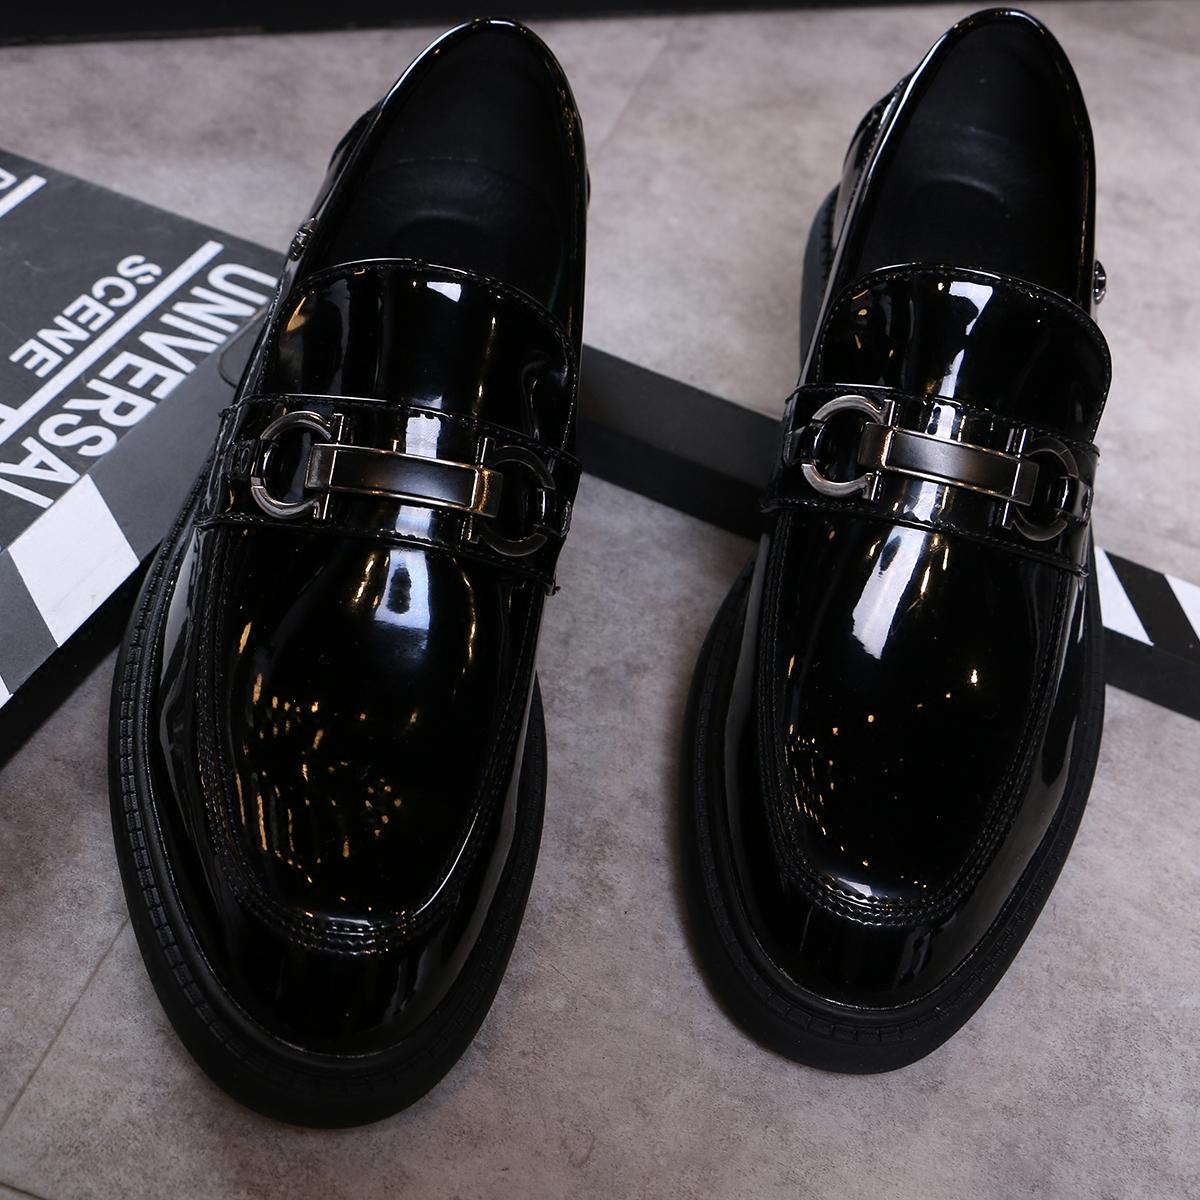 皮鞋金属装饰